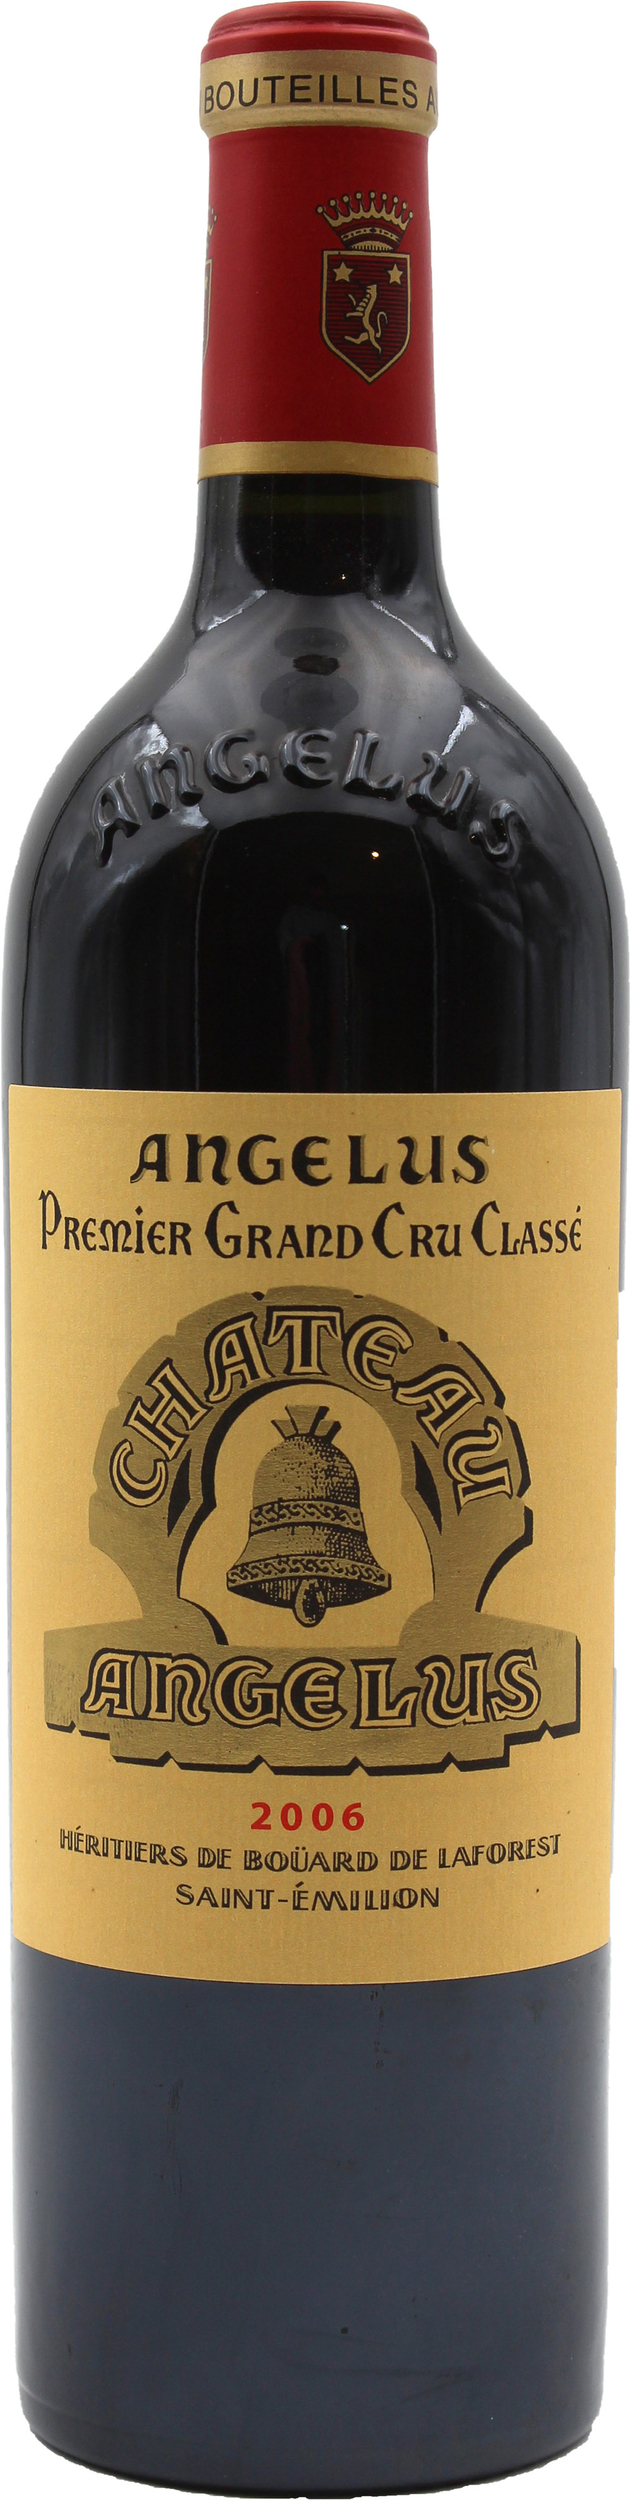 Château Angelus 2006 - 75cl AOC Saint Émilion